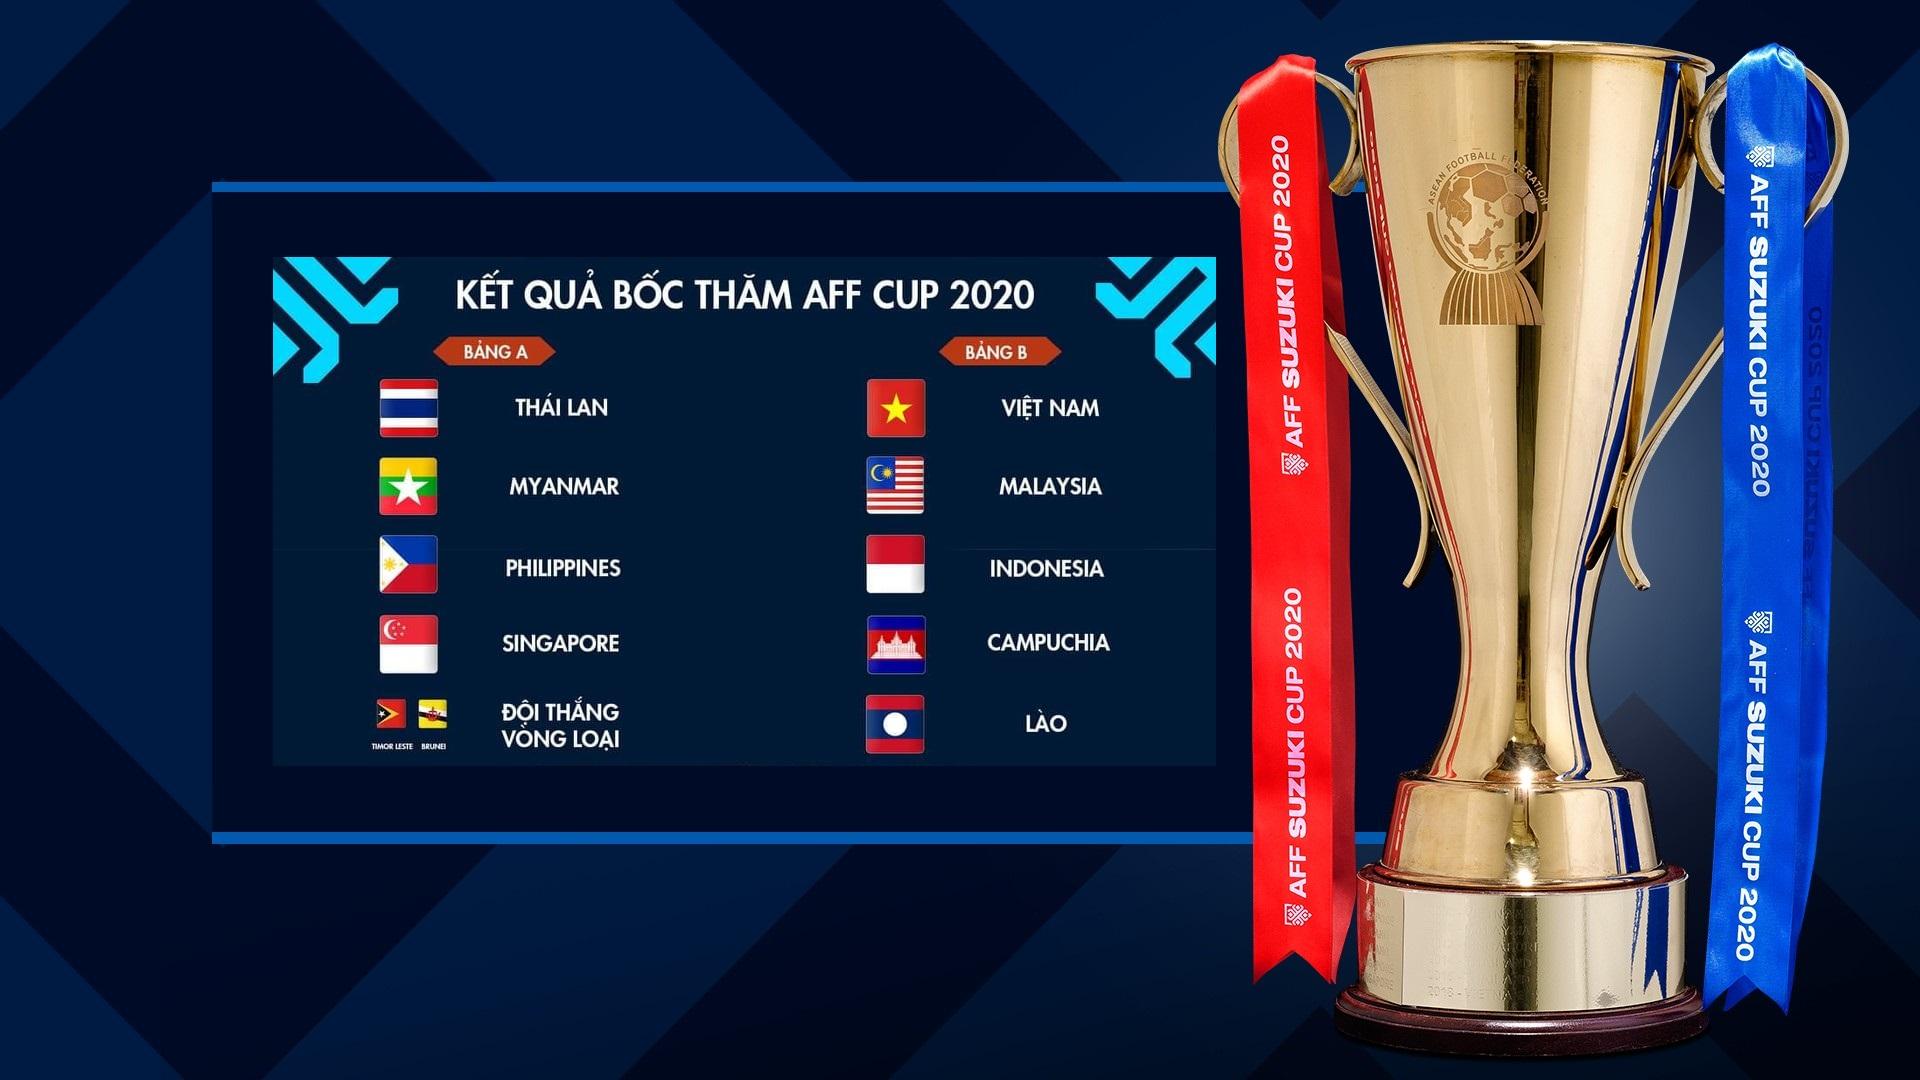 Kết quả bốc thăm AFF Cup 2020: Việt Nam tái ngộ đối thủ khó chơi tại VL World Cup 1